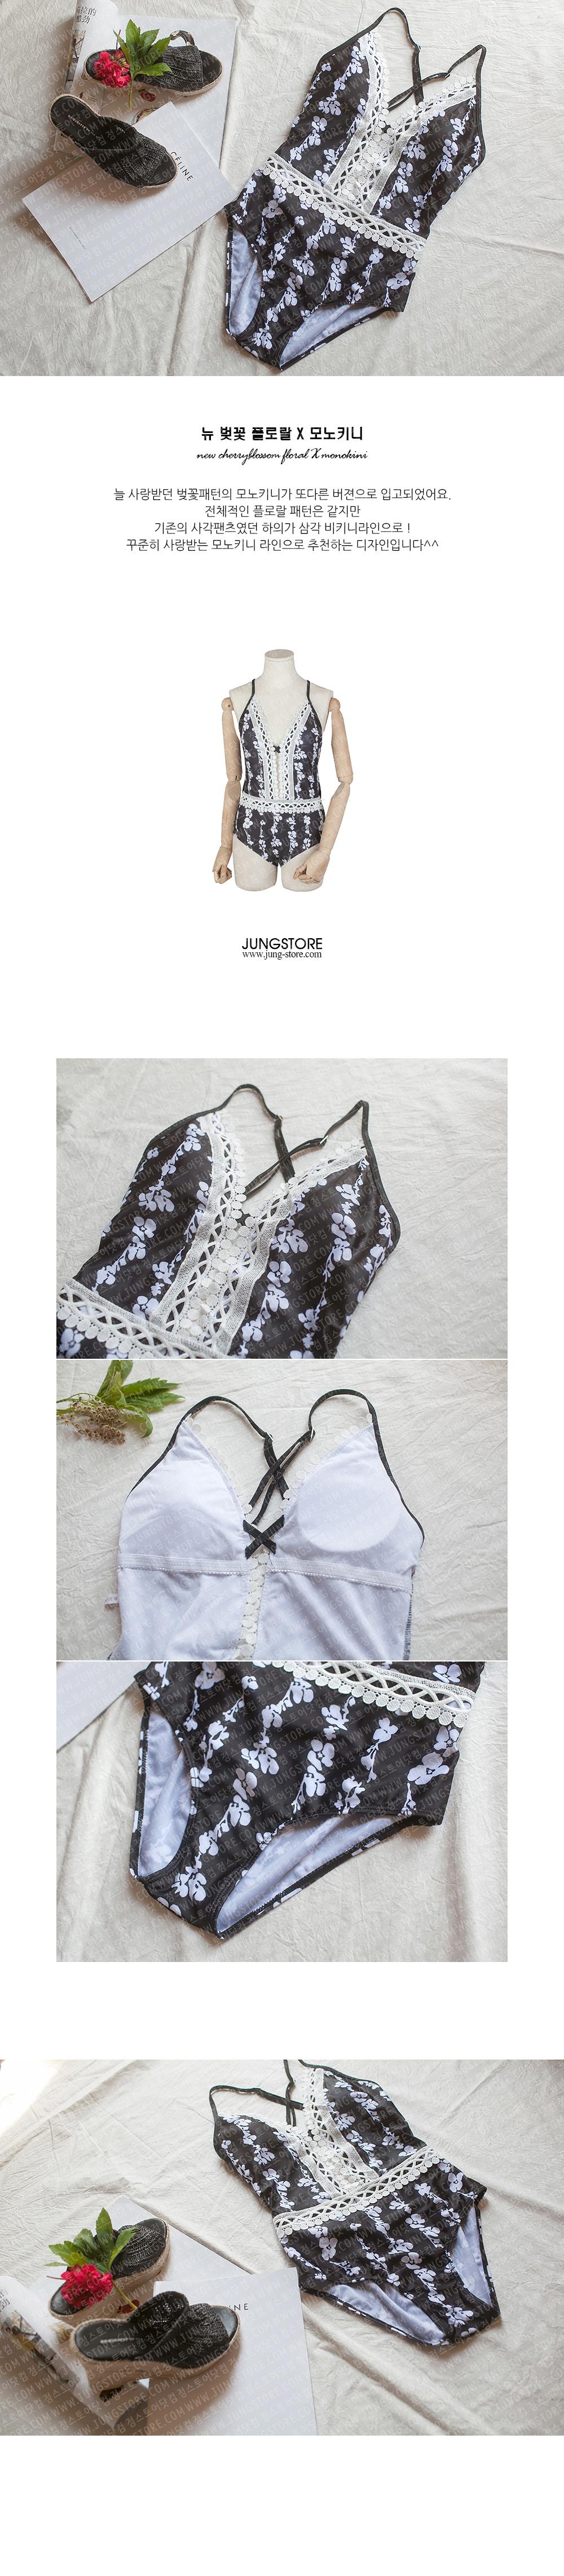 뉴벚꽃 플로랄 모노키니 - 정스토어, 19,000원, 여성비치웨어, 비키니